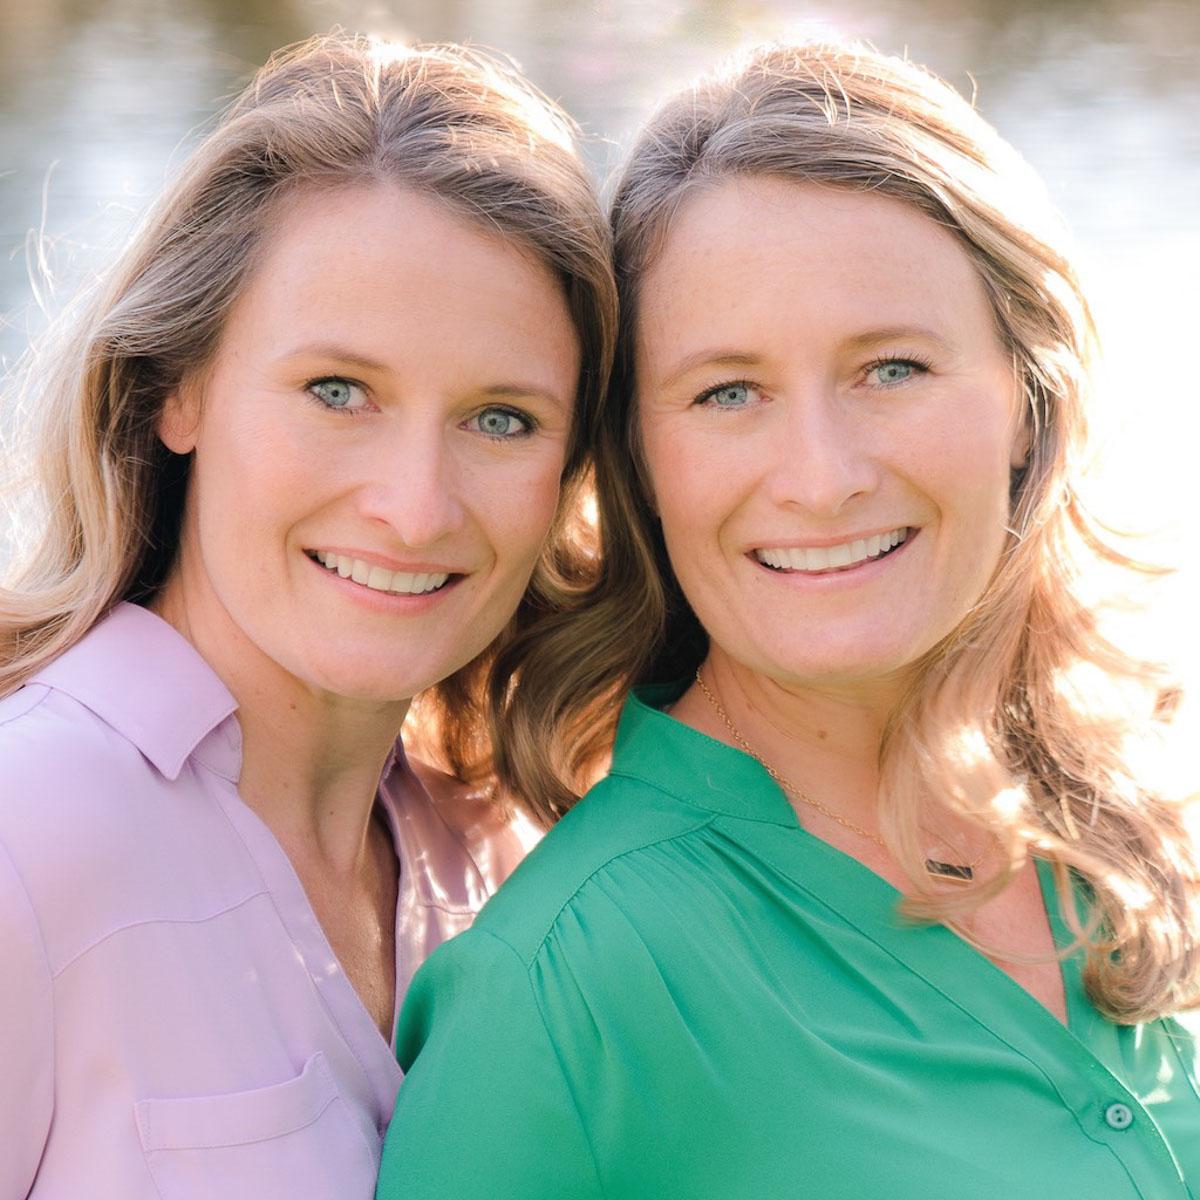 identical twin women